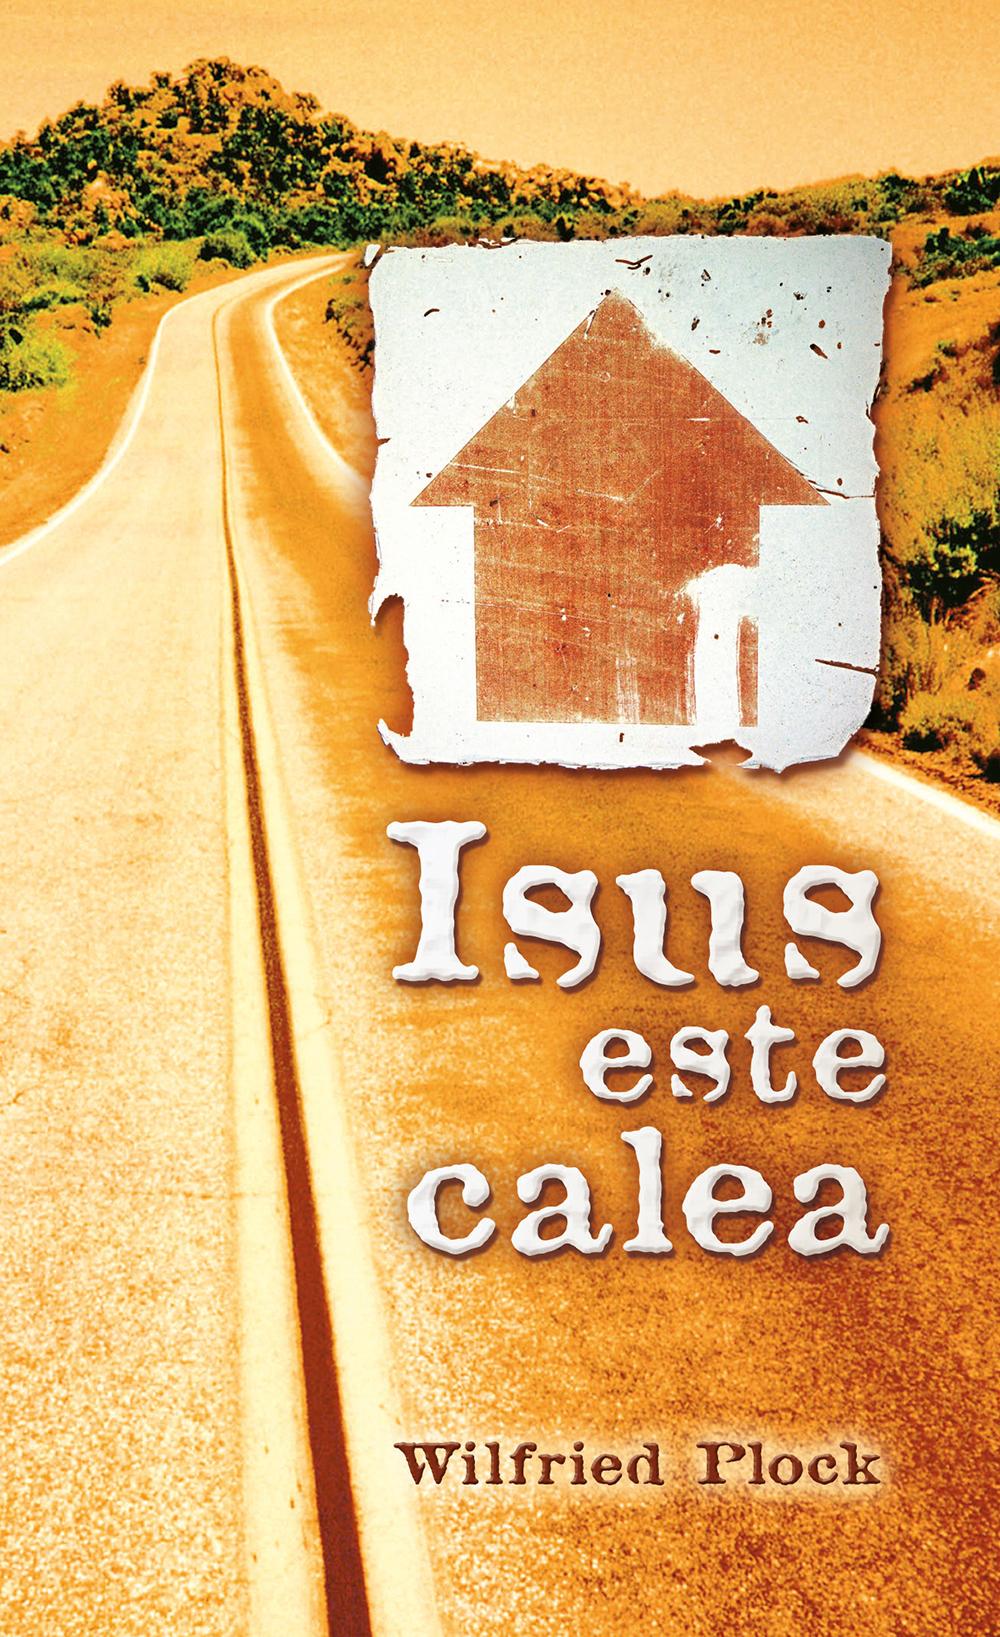 CLV_jesus-ist-der-weg-rumaenisch_wilfried-plock_256178_1